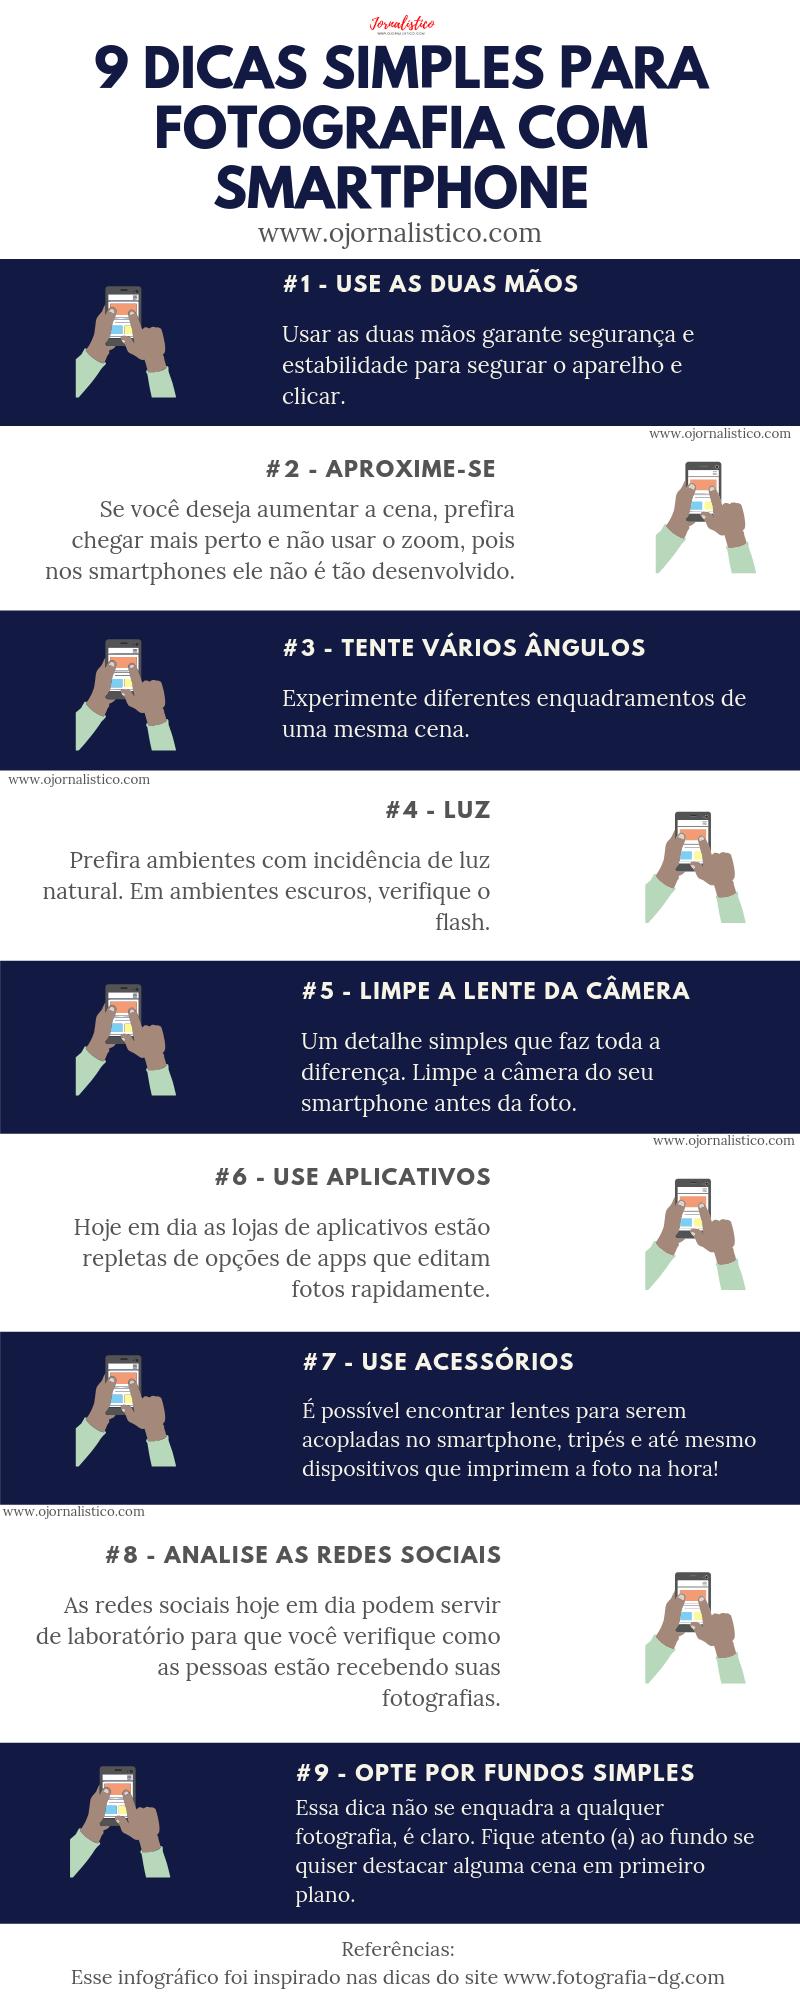 infográfico com 9 dicas simples para fotografar com smartphone fazer fotos com o celular